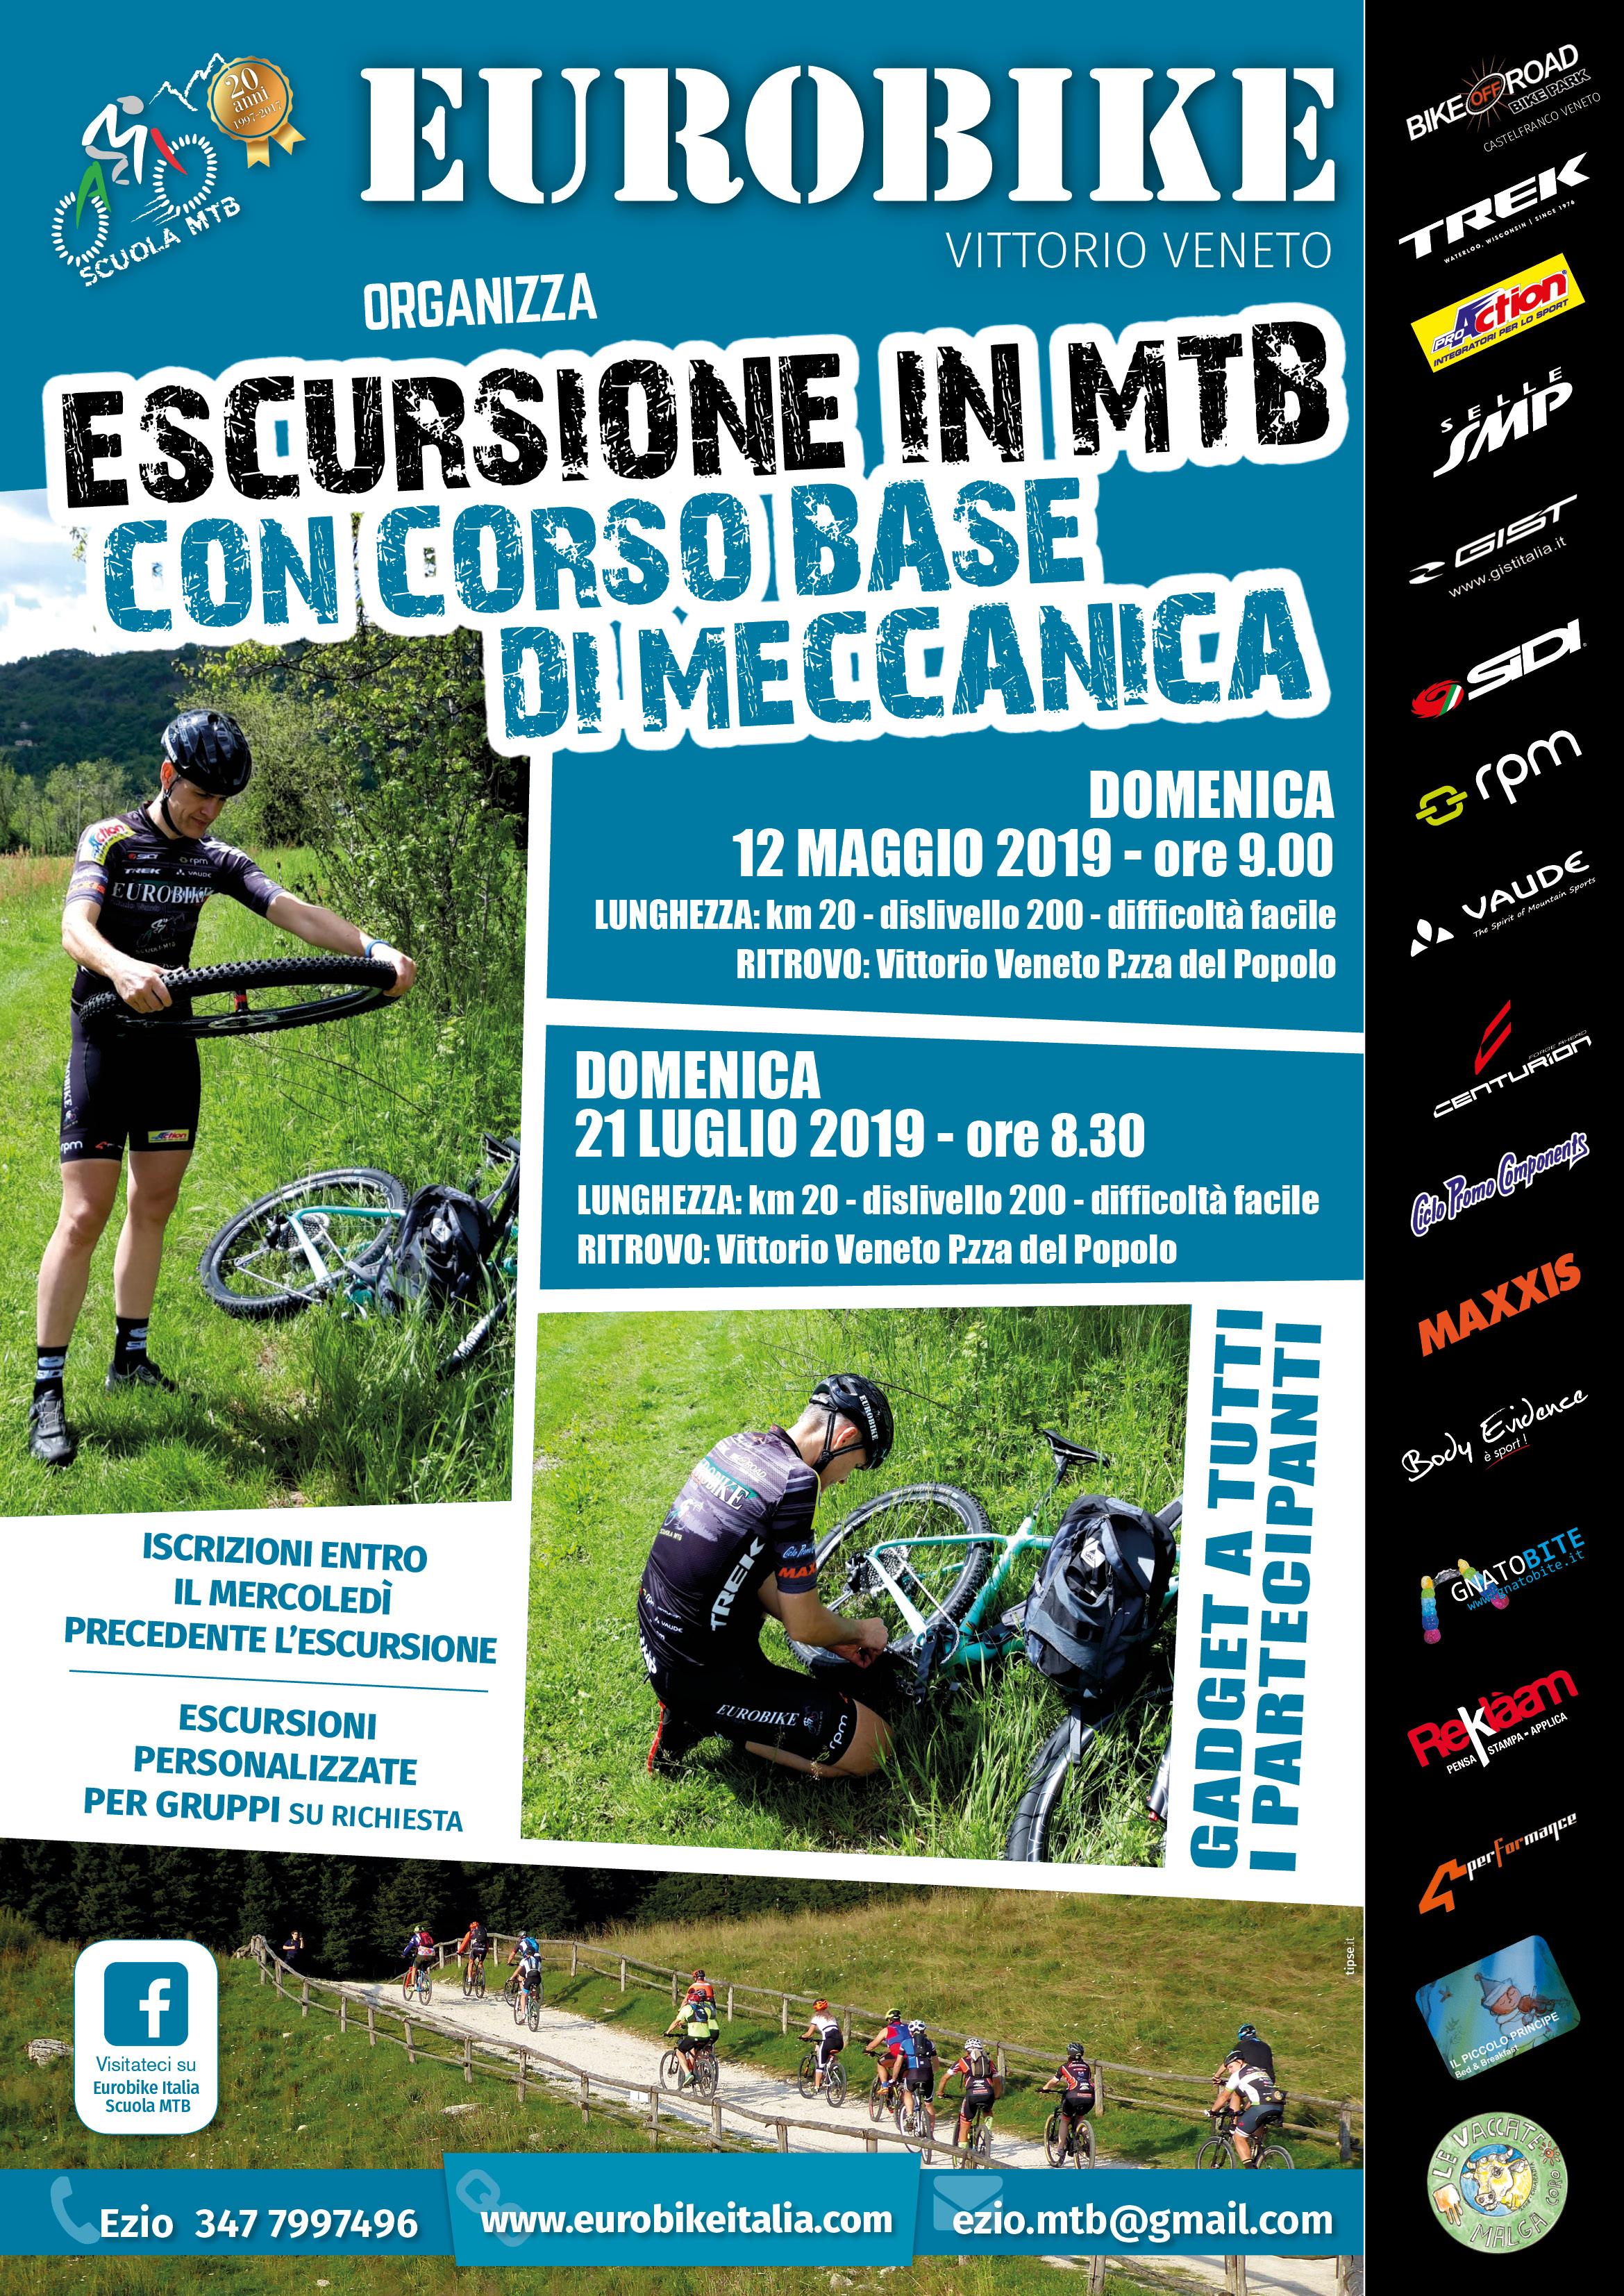 12.05.2019: Locandina Eurobike Escursione con Corso di Meccanica